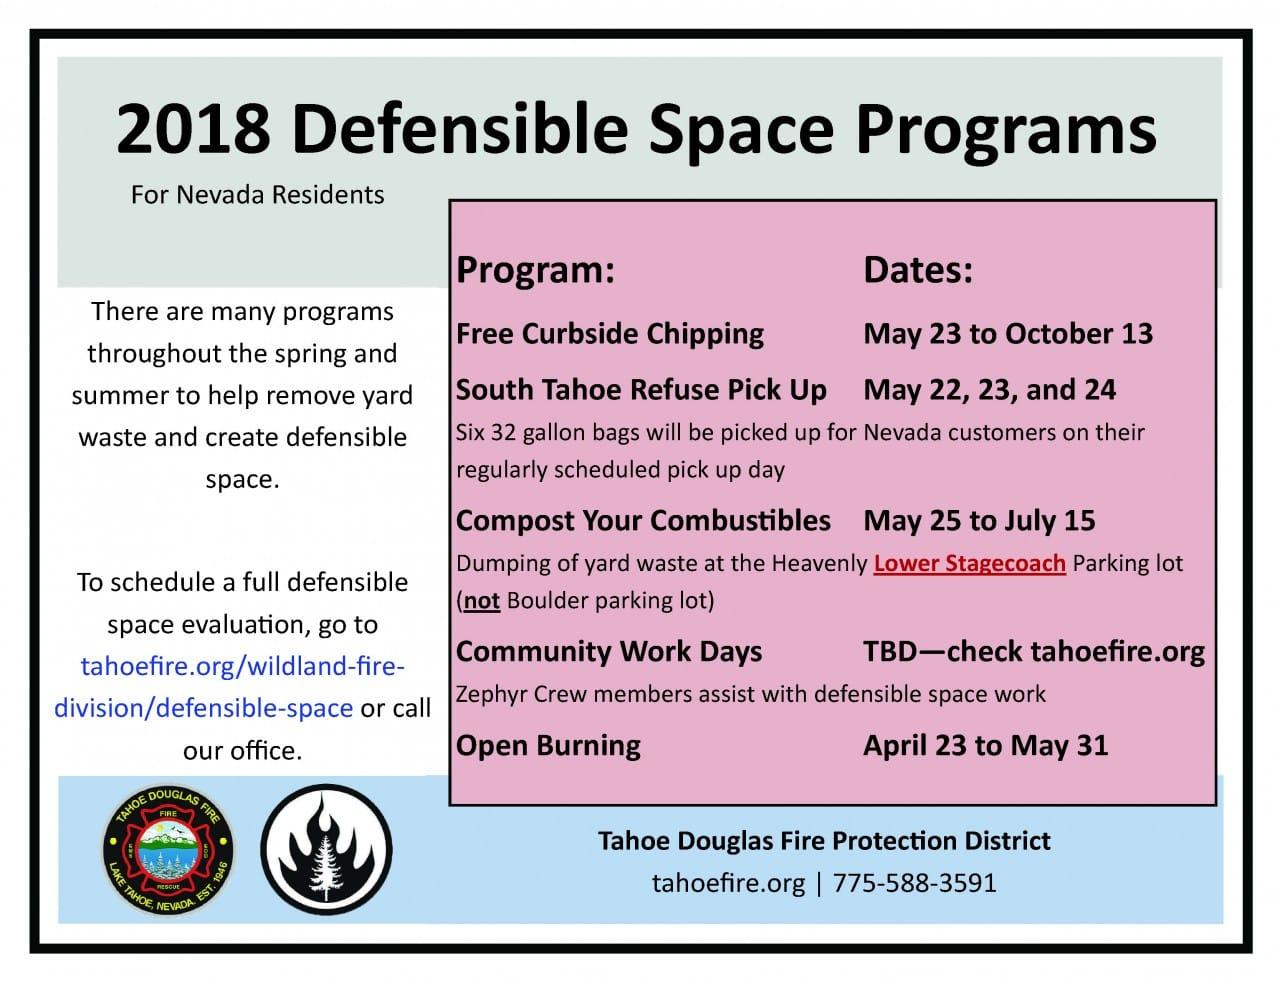 2018 Defensible Space Programs